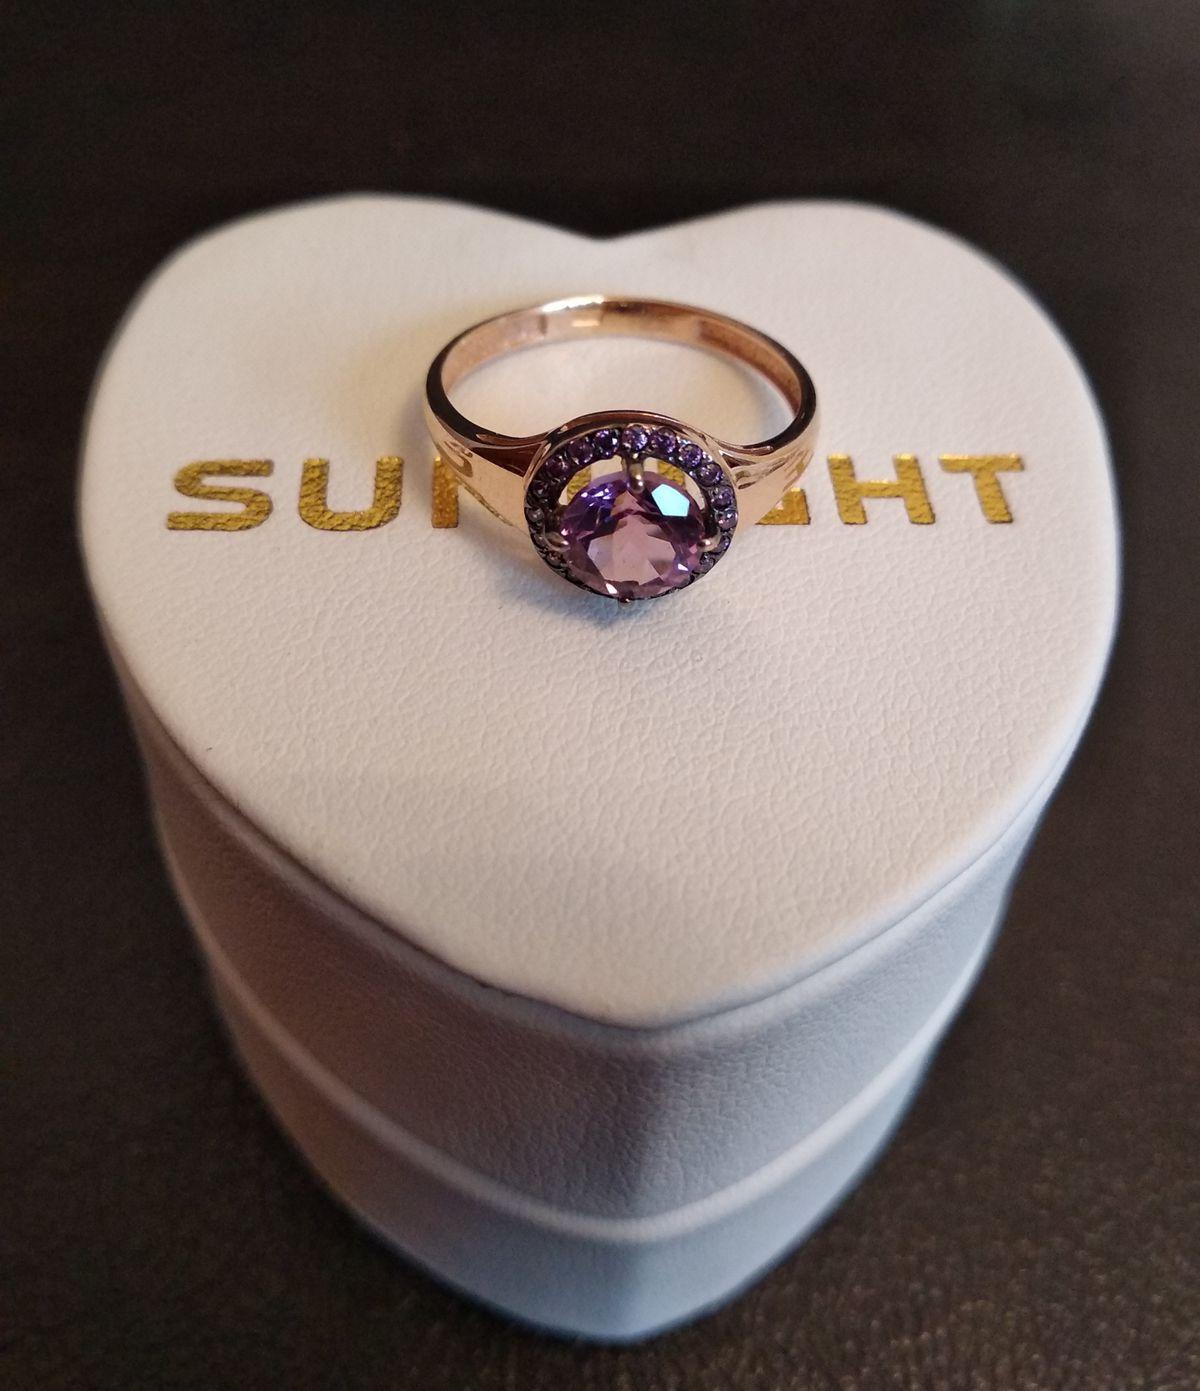 Потрясающее кольцо со сверкающим камнем